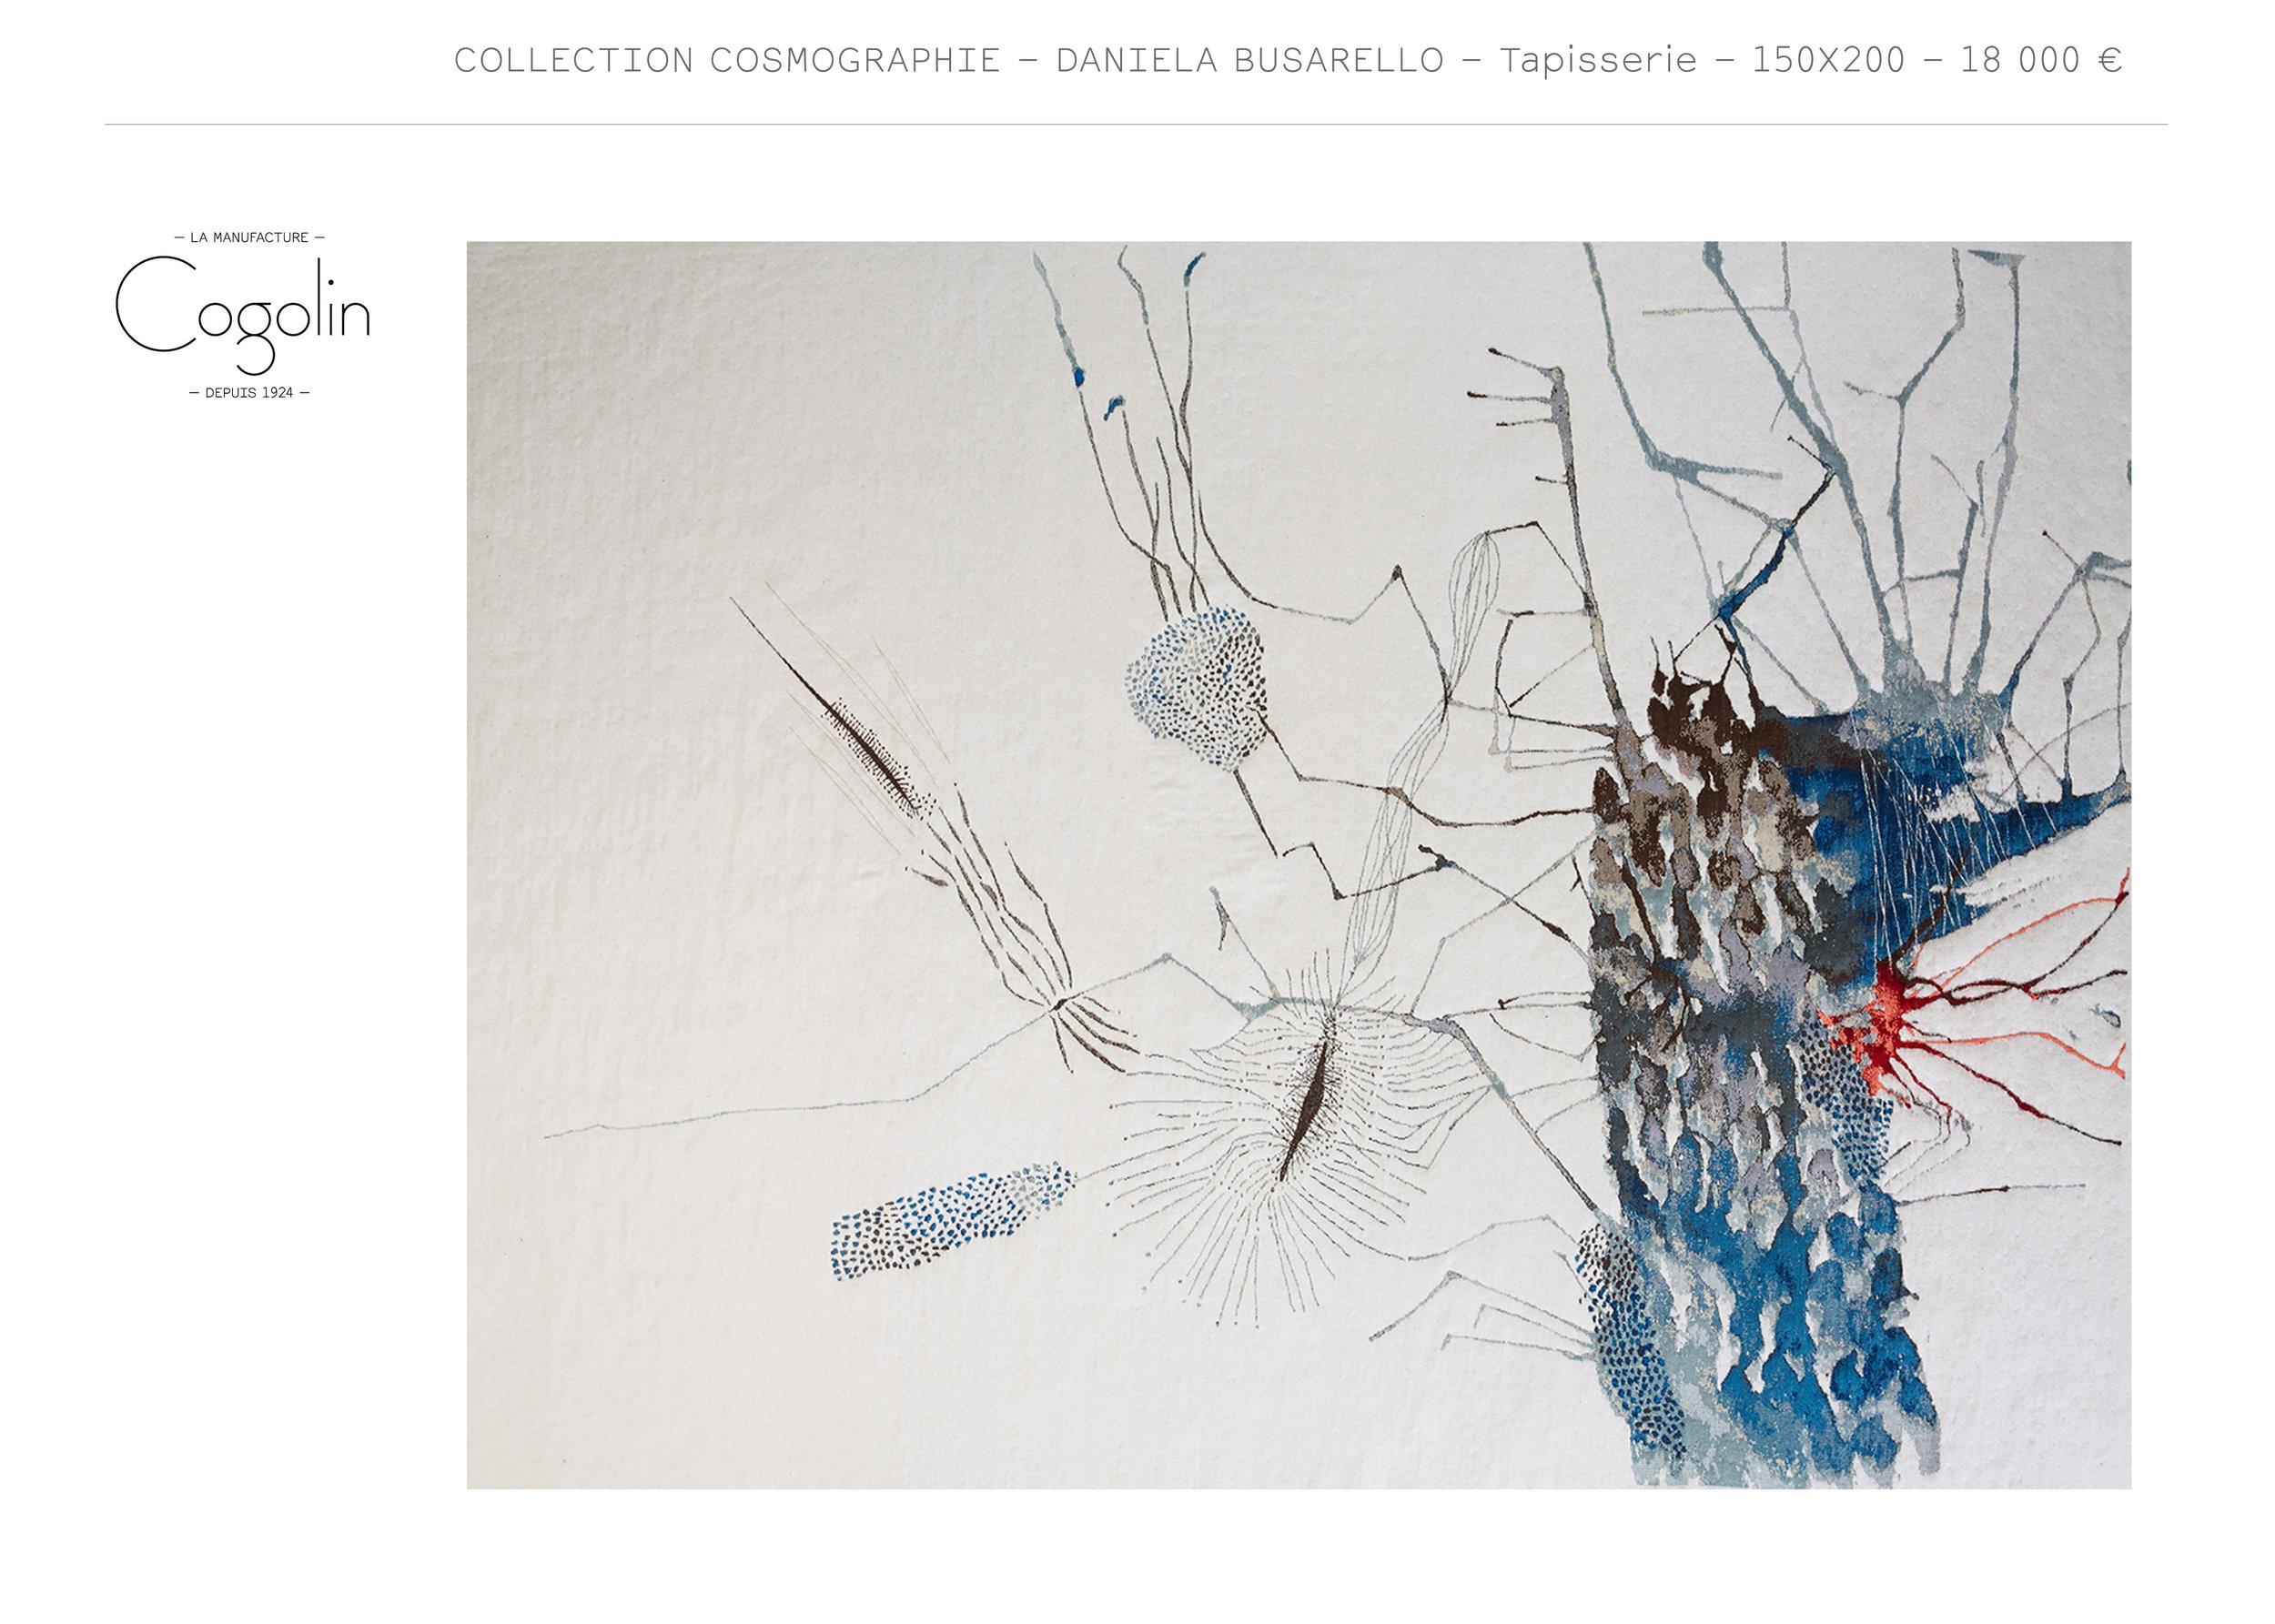 COLLECTION COSMOGRAPHIE - DANIELA BUSARELLO - Tapisserie - 150X200.jpg